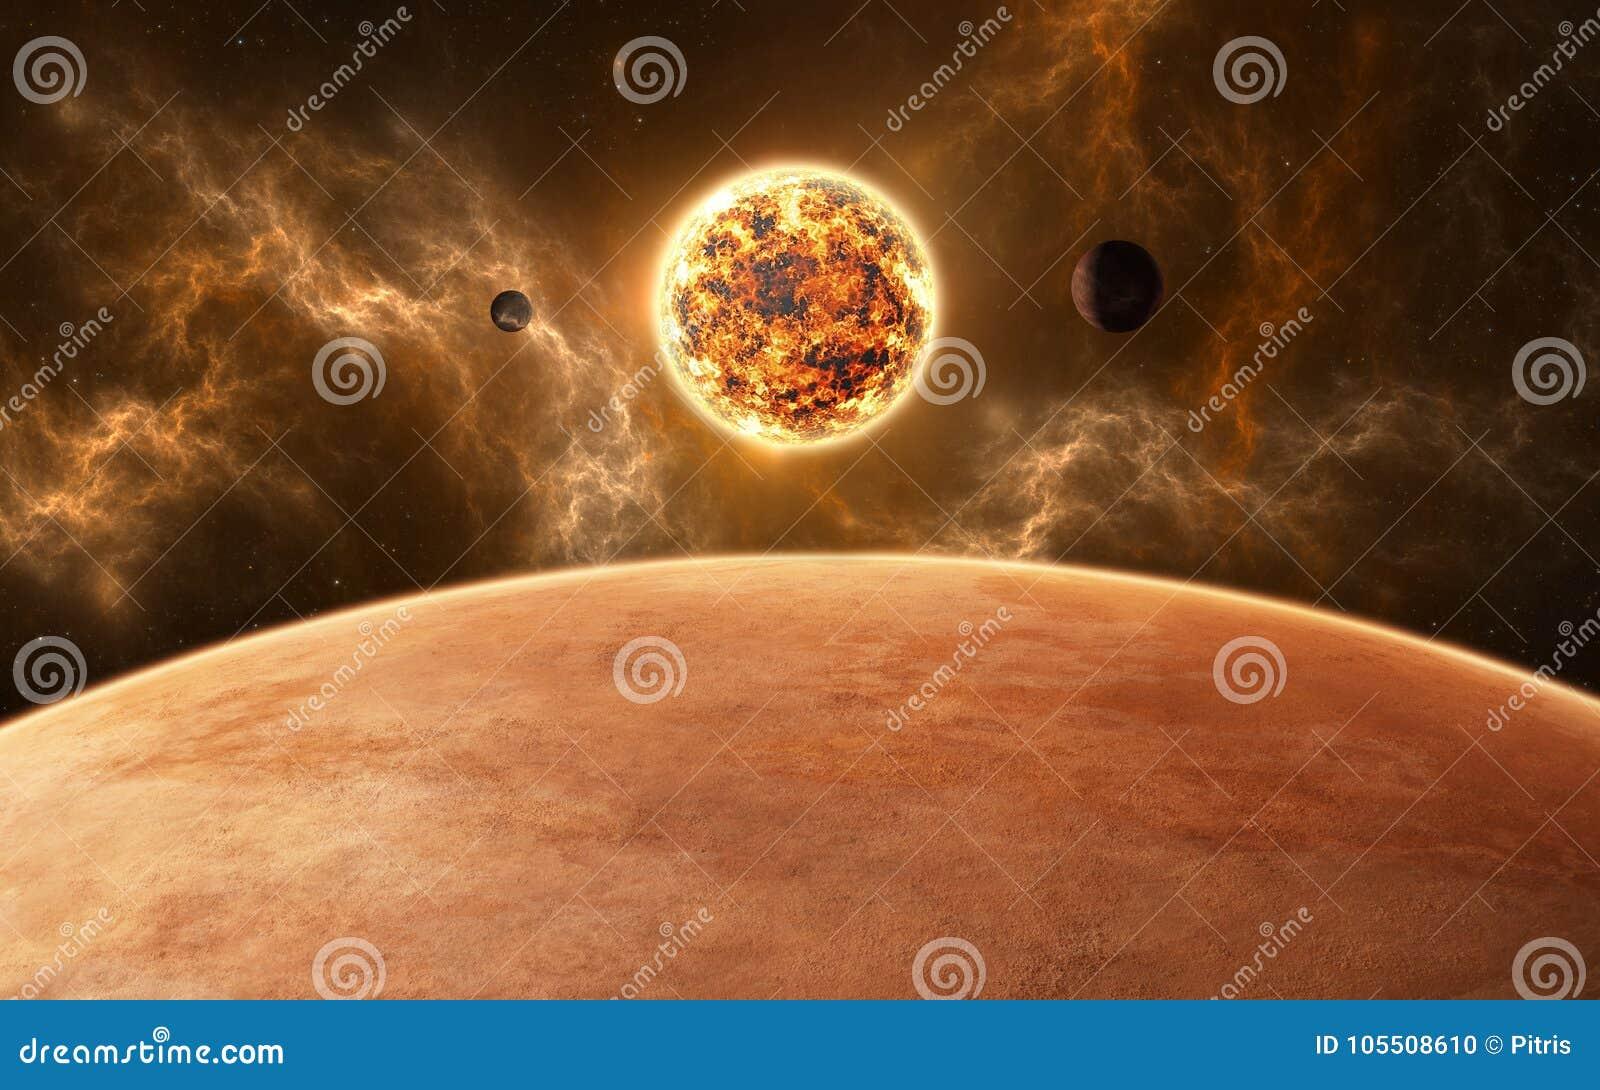 Planeten rond rode dwergster Nieuw planetarisch systeem